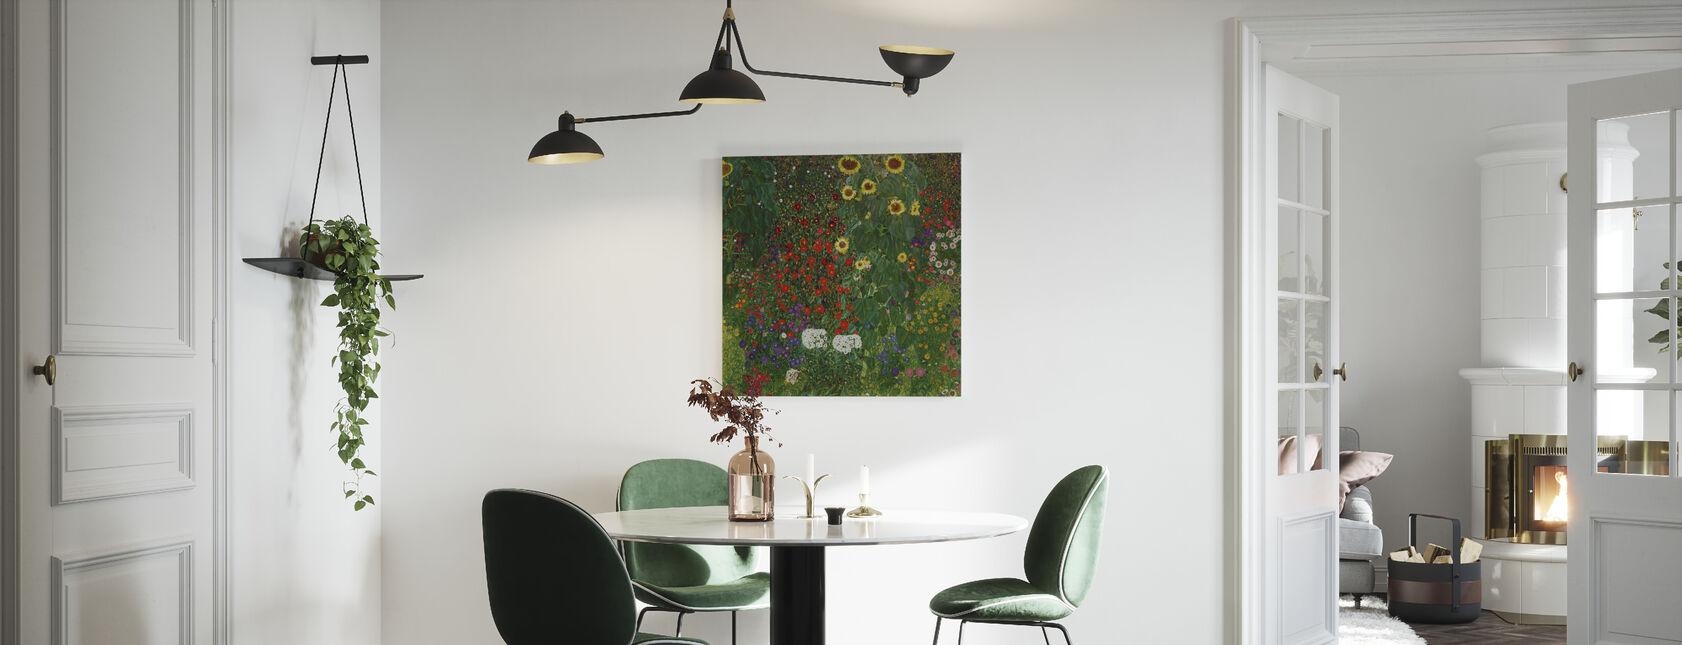 Trädgård med solrosor. Gustav Klimt - Canvastavla - Kök